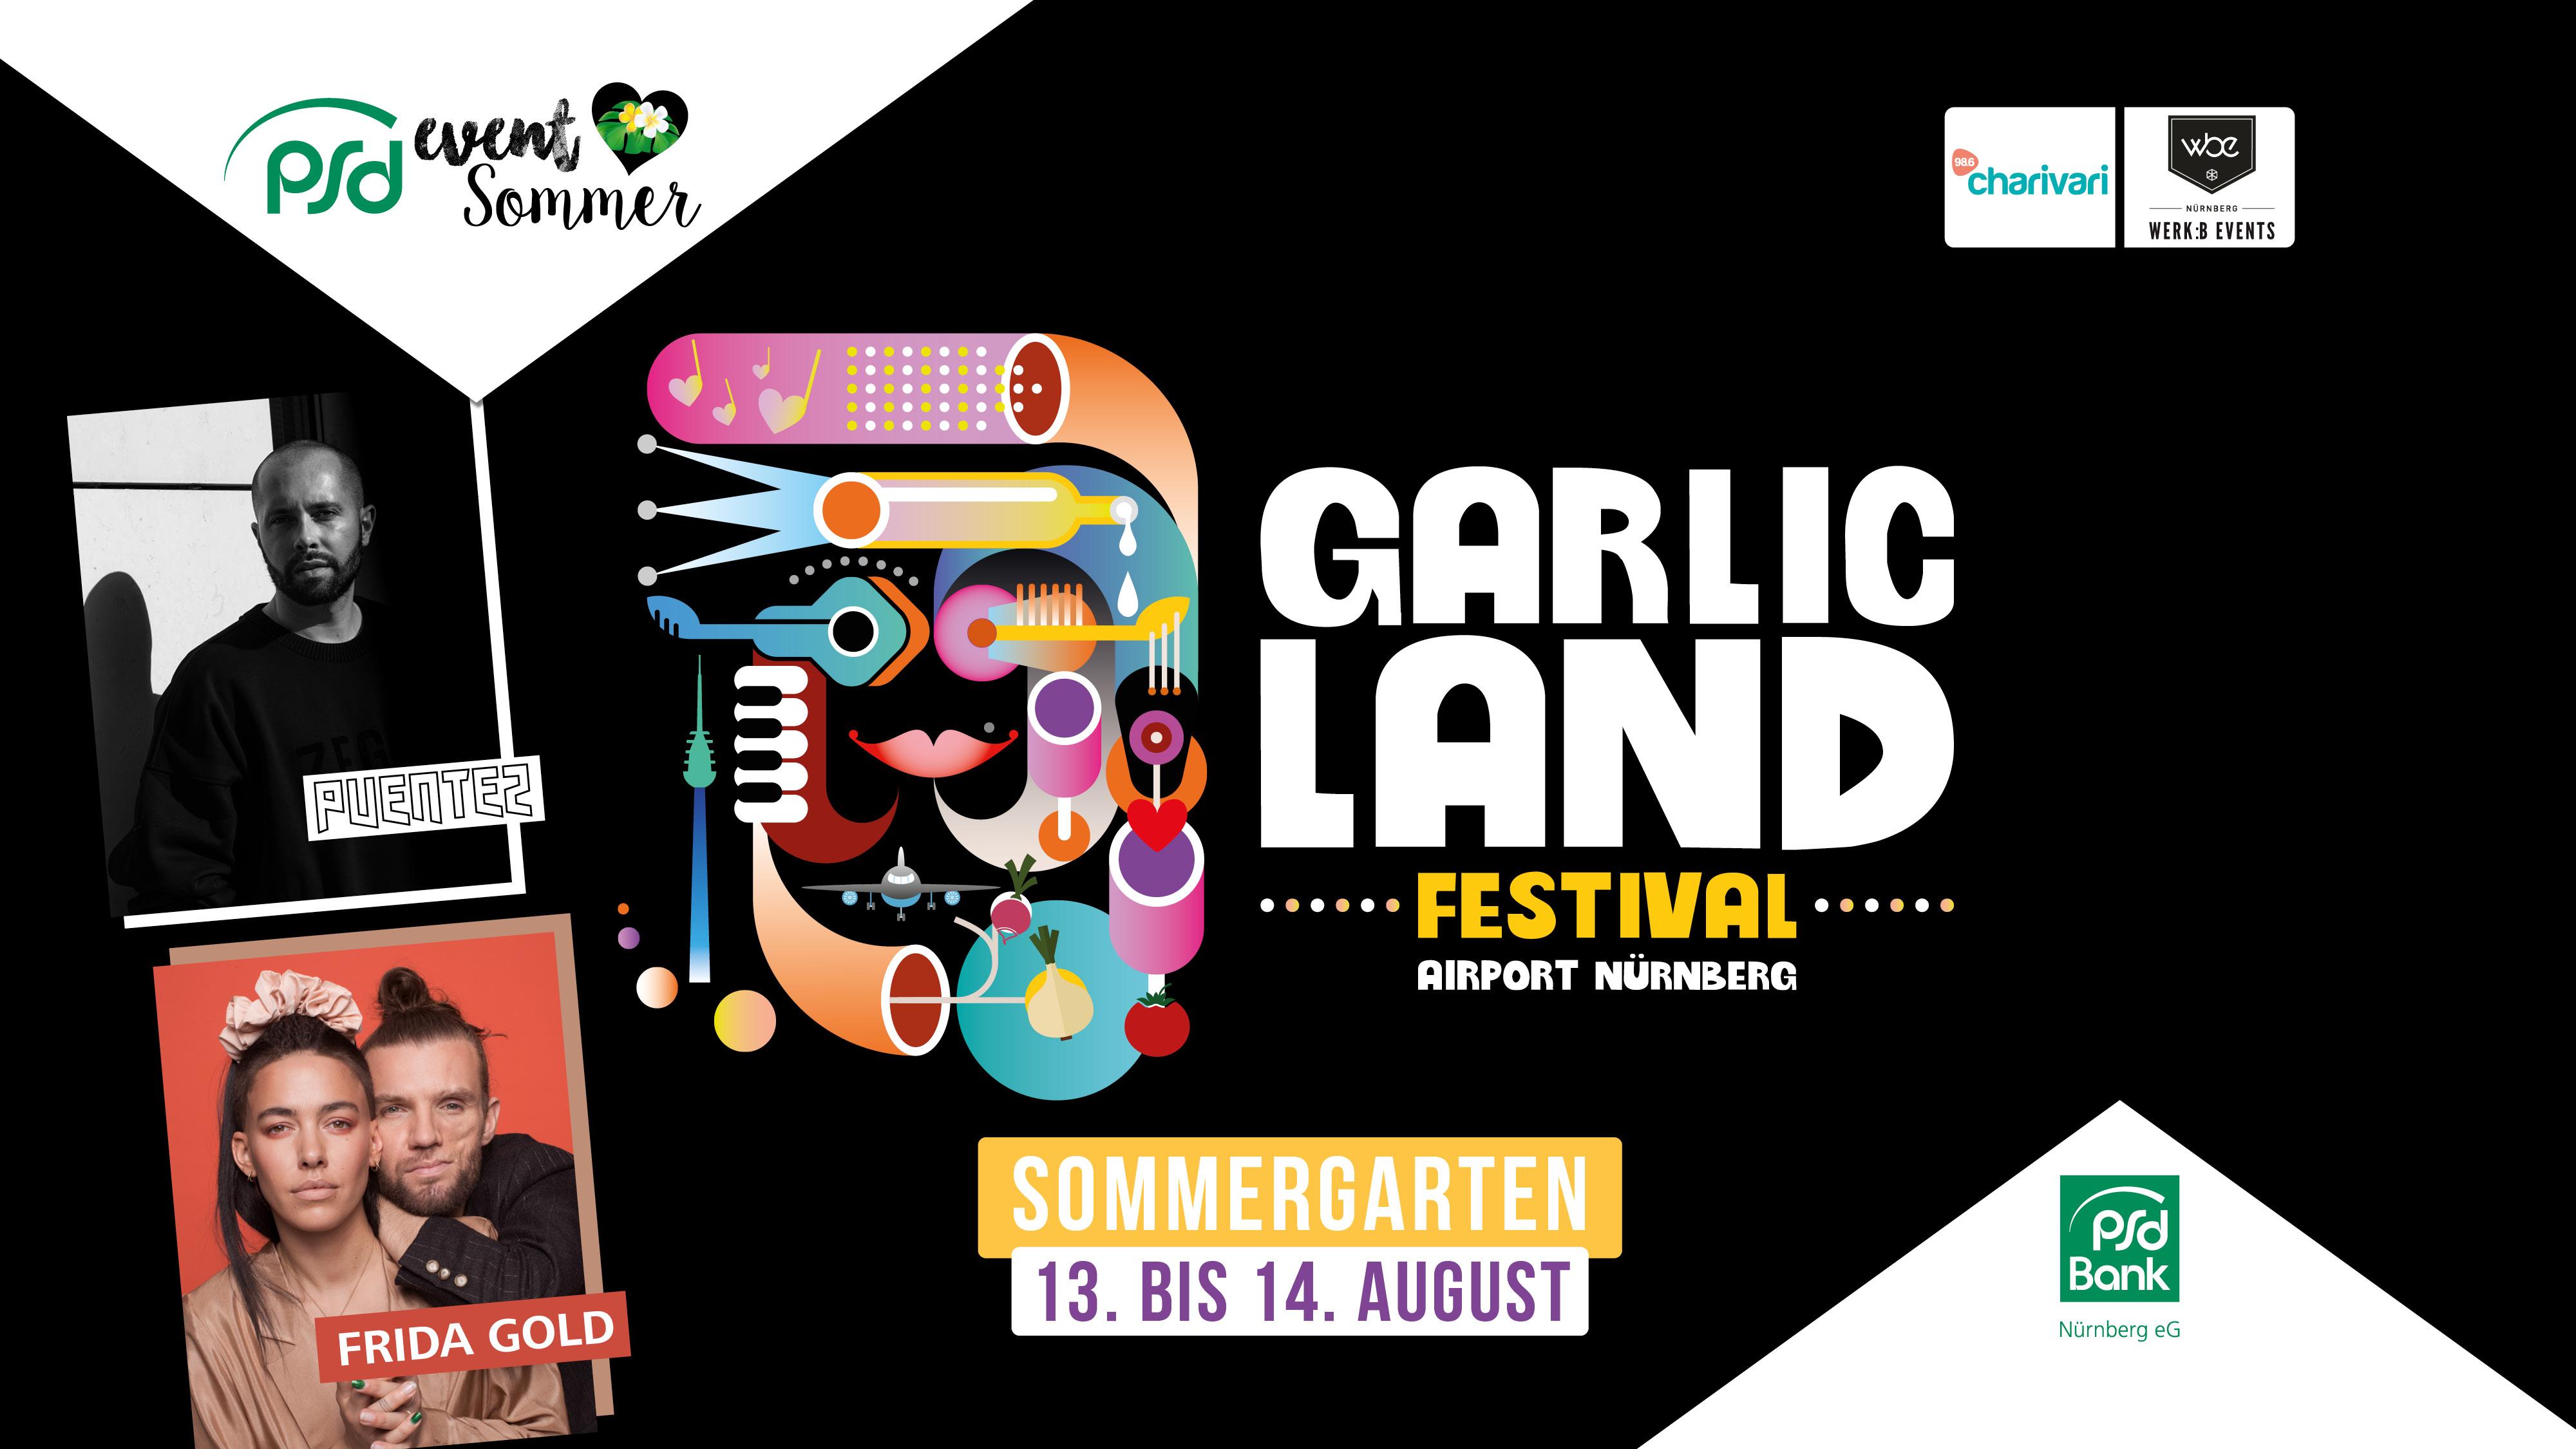 Das Garlic Land Festival - Bilder & Eindrücke